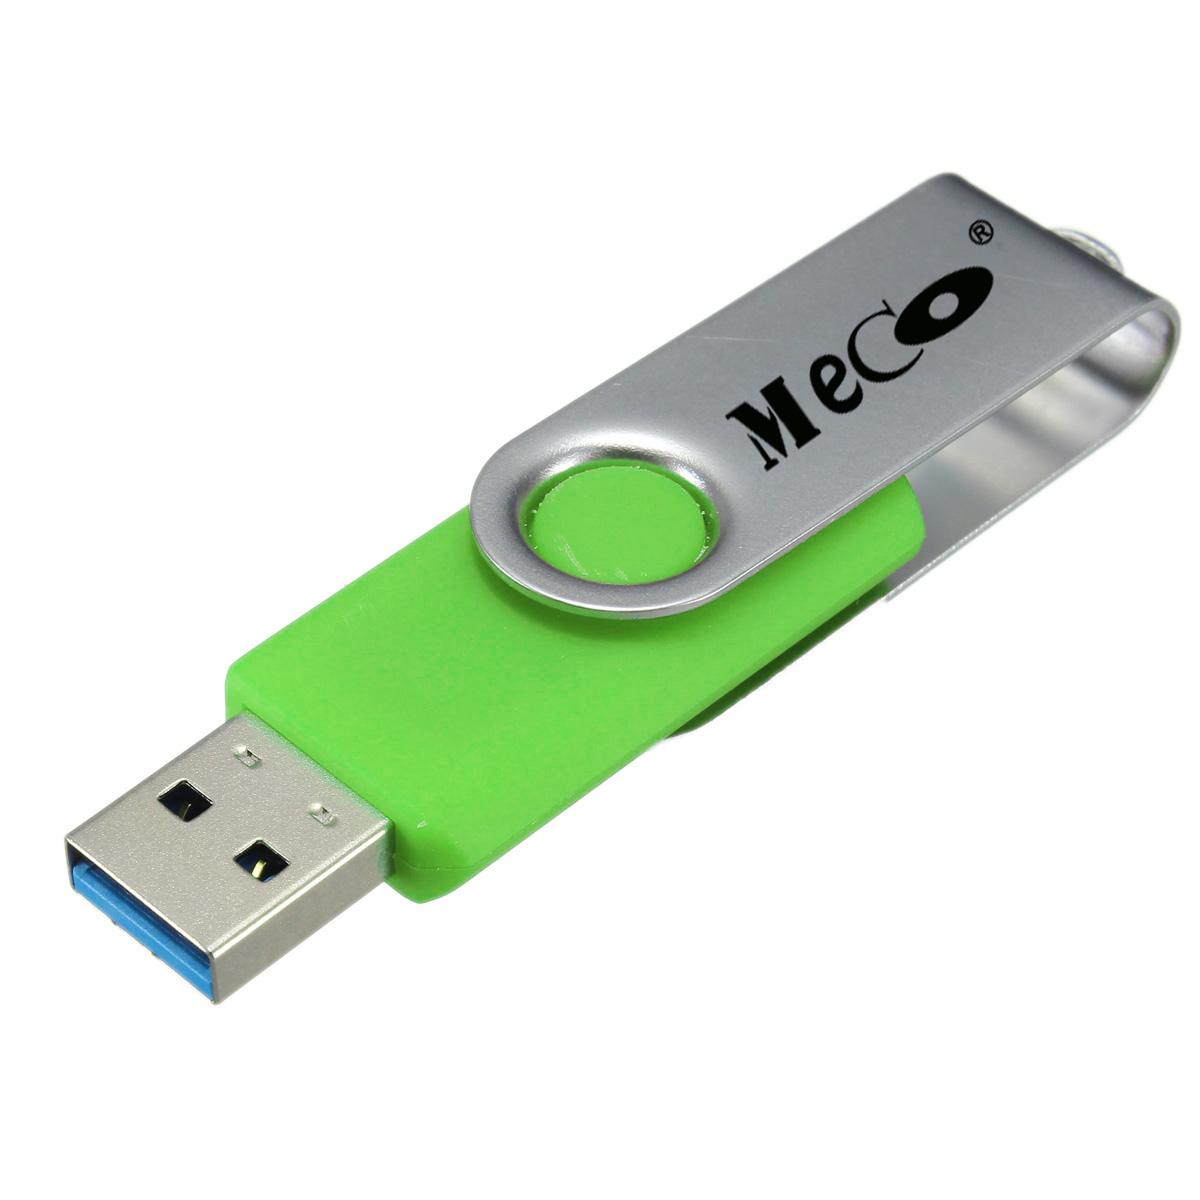 4 GB USB Drives - Walmartcom